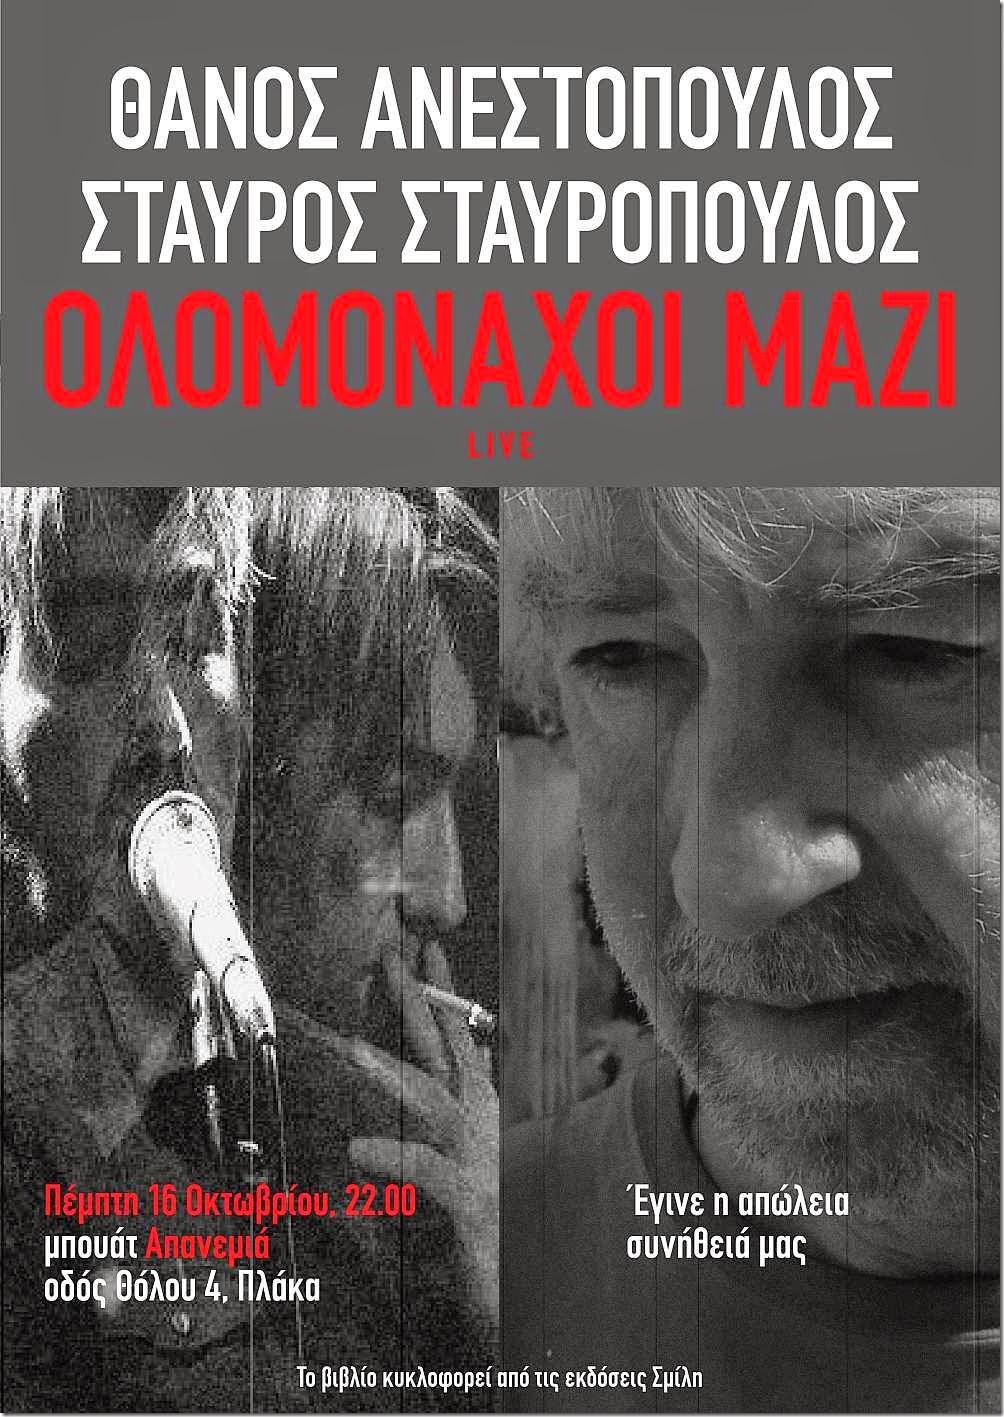 ΟΛΟΜΟΝΑΧΟΙ ΜΑΖΙ LIVE